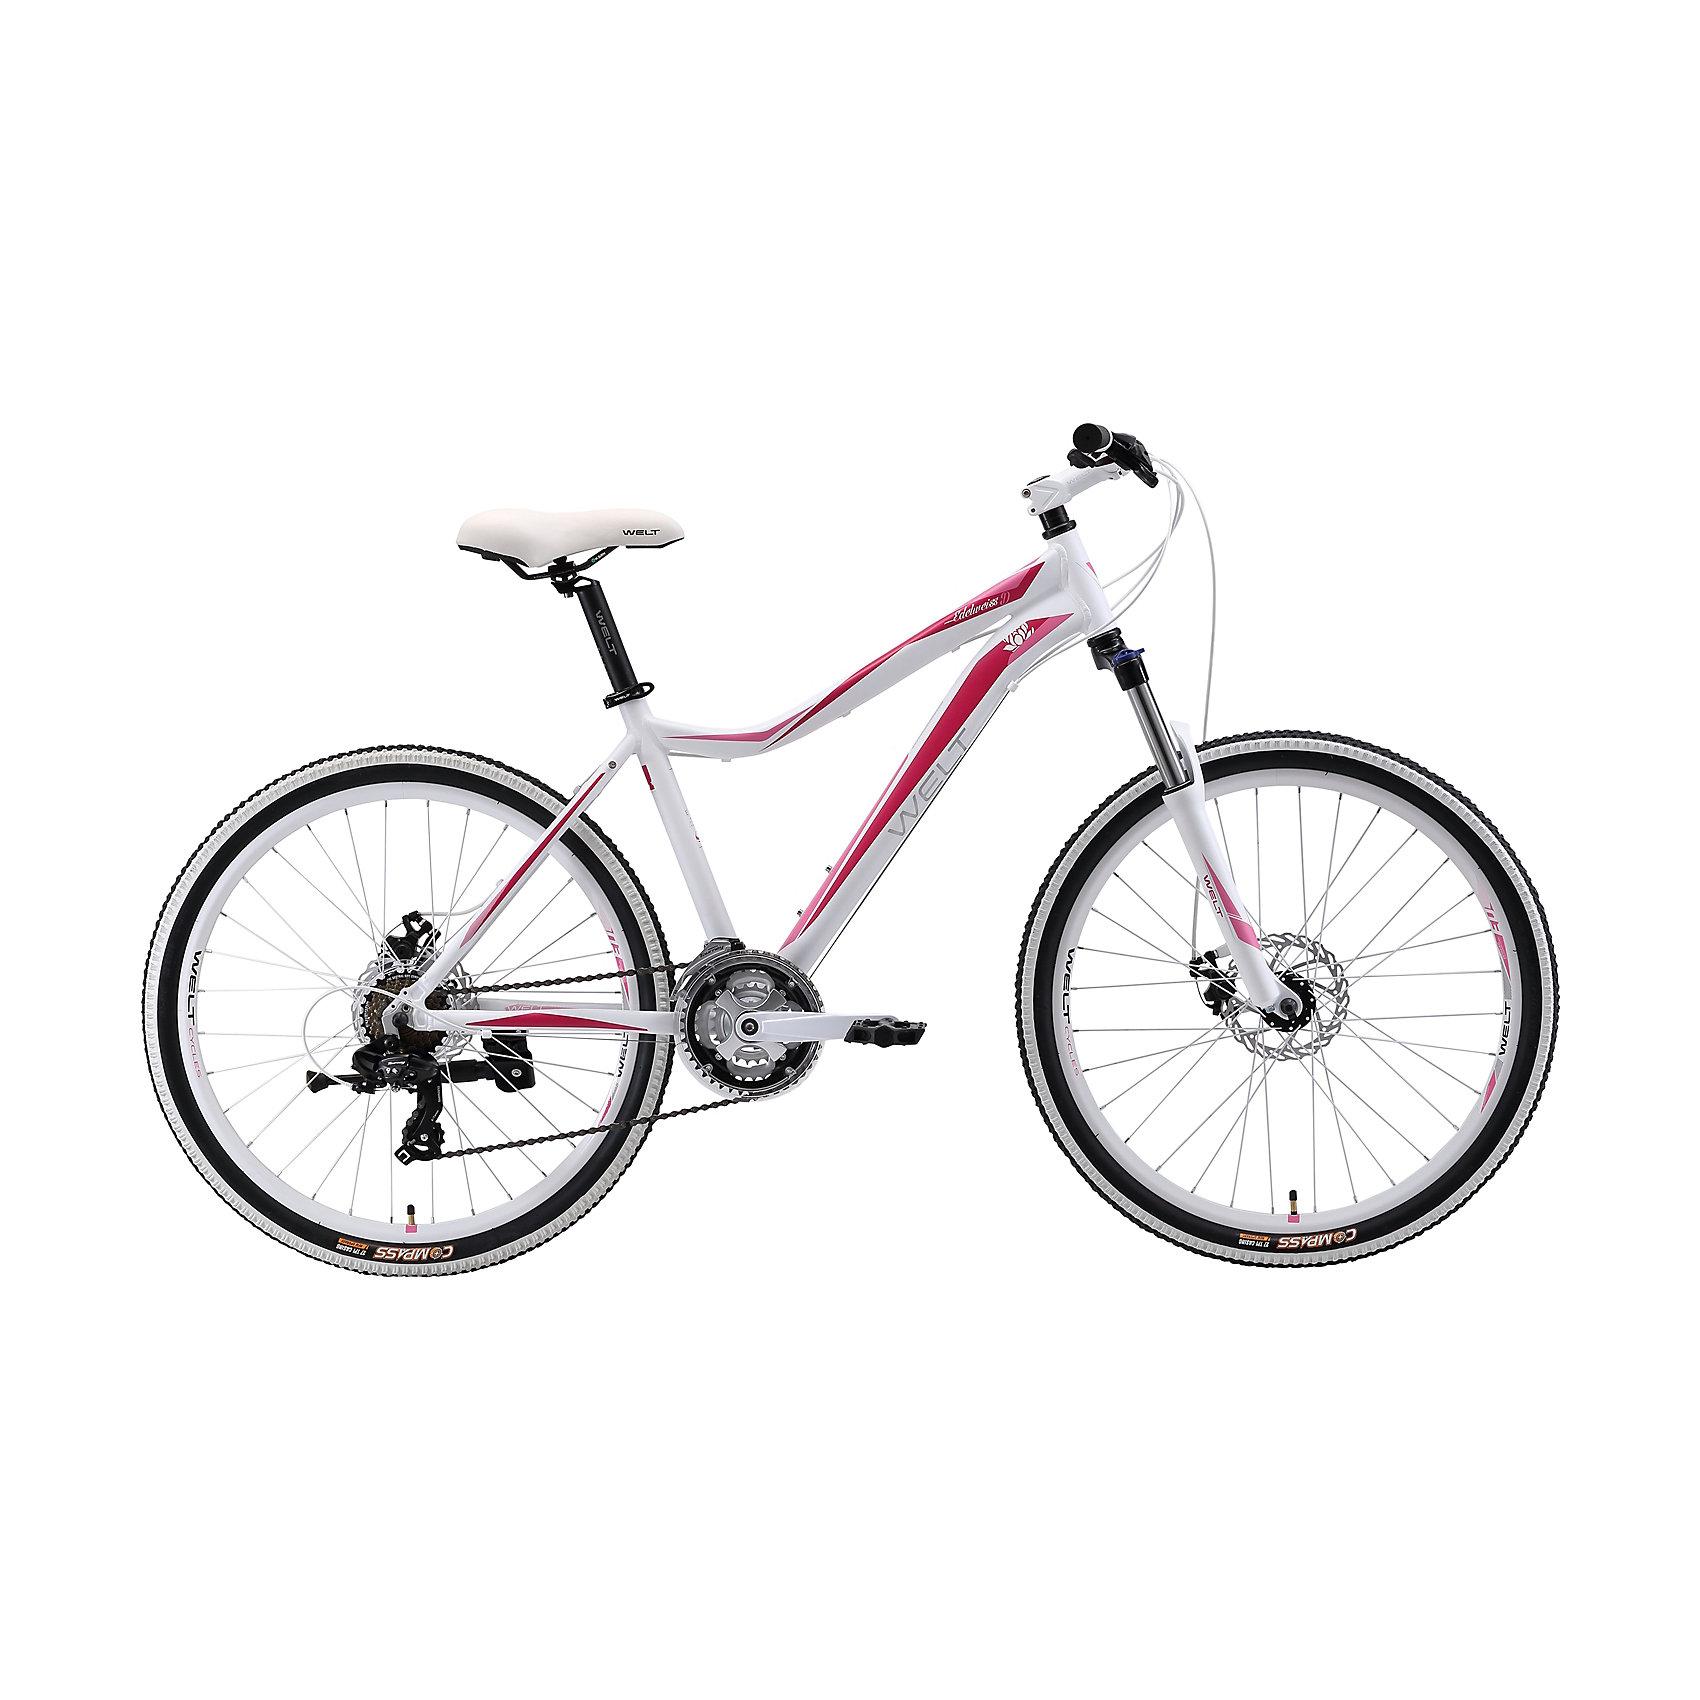 Велосипед  Edelweiss 1.0 D, 17 дюймов, бело-розовый, WeltВелосипеды детские<br>Характеристики товара:<br><br>• цвет: белый, розовый<br>• рама: Alloy 6061 <br>• размер рамы: 16,20<br>• диаметр колес: 26<br>• кол-во скоростей: 21<br>• тип вилки: амортизационная<br>• вилка: WELT MRK MLO 100mm<br>• переключатель задний : Shimano TY-300<br>• переключатель передний: Shimano TZ-30<br>• шифтеры: Shimano EF-51<br>• тип тормозов: дисковые механические<br>• тормоза: JAK-5<br>• система:  steel 42/34/24 <br>• кассета: Shimano HG20 12-28T<br>• тип рулевой колонки:  1-1/8 безрезьбовая<br>• покрышки: Compass 26 x 2,1 <br>• страна бренда: Германия <br><br>Велосипед  Edelweiss 1.0 D -это модель, которая создана  для кросс-кантри. Большие колеса, мягкая амортизация позволят преодолеть путь, проходящий по загородному бездорожью. <br><br>Велосипед  Edelweiss 1.0 D, 17 дюймов, бело-розовый, Welt можно купить в нашем интернет-магазине.<br><br>Ширина мм: 1450<br>Глубина мм: 200<br>Высота мм: 800<br>Вес г: 16500<br>Возраст от месяцев: 168<br>Возраст до месяцев: 2147483647<br>Пол: Женский<br>Возраст: Детский<br>SKU: 5569415